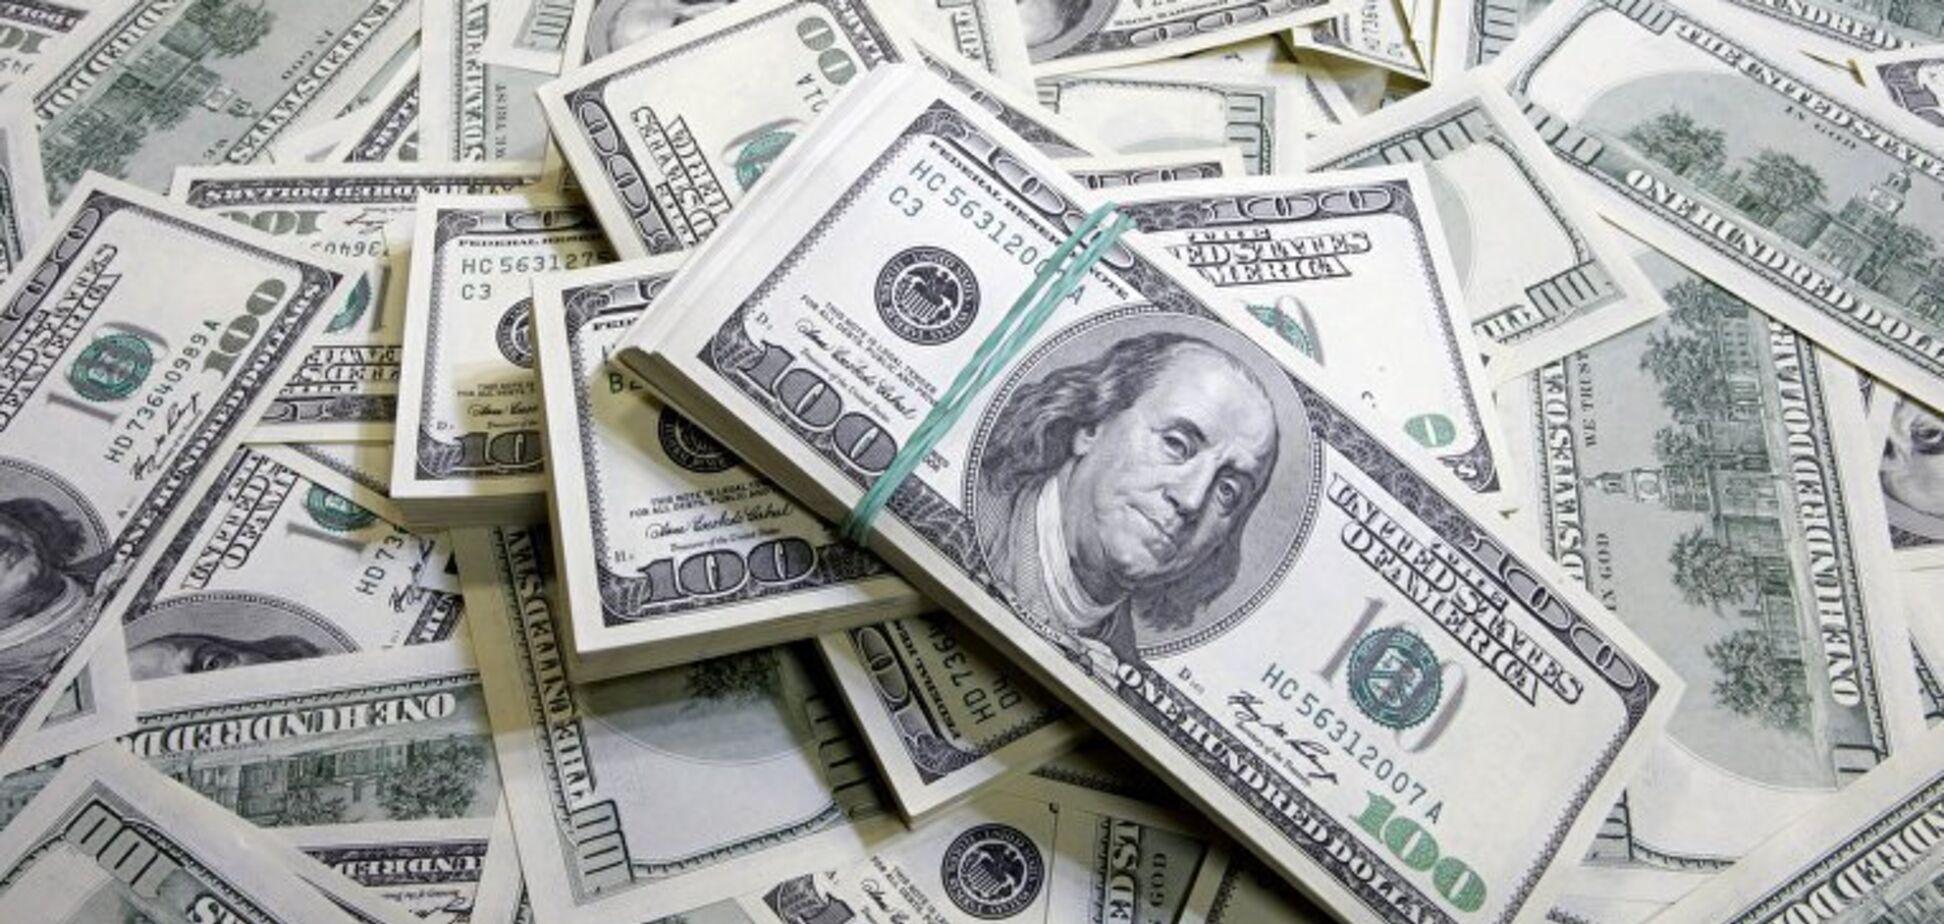 Взяли на горячем: старший следователь ГПУ погорел на взятке в $50 тысяч